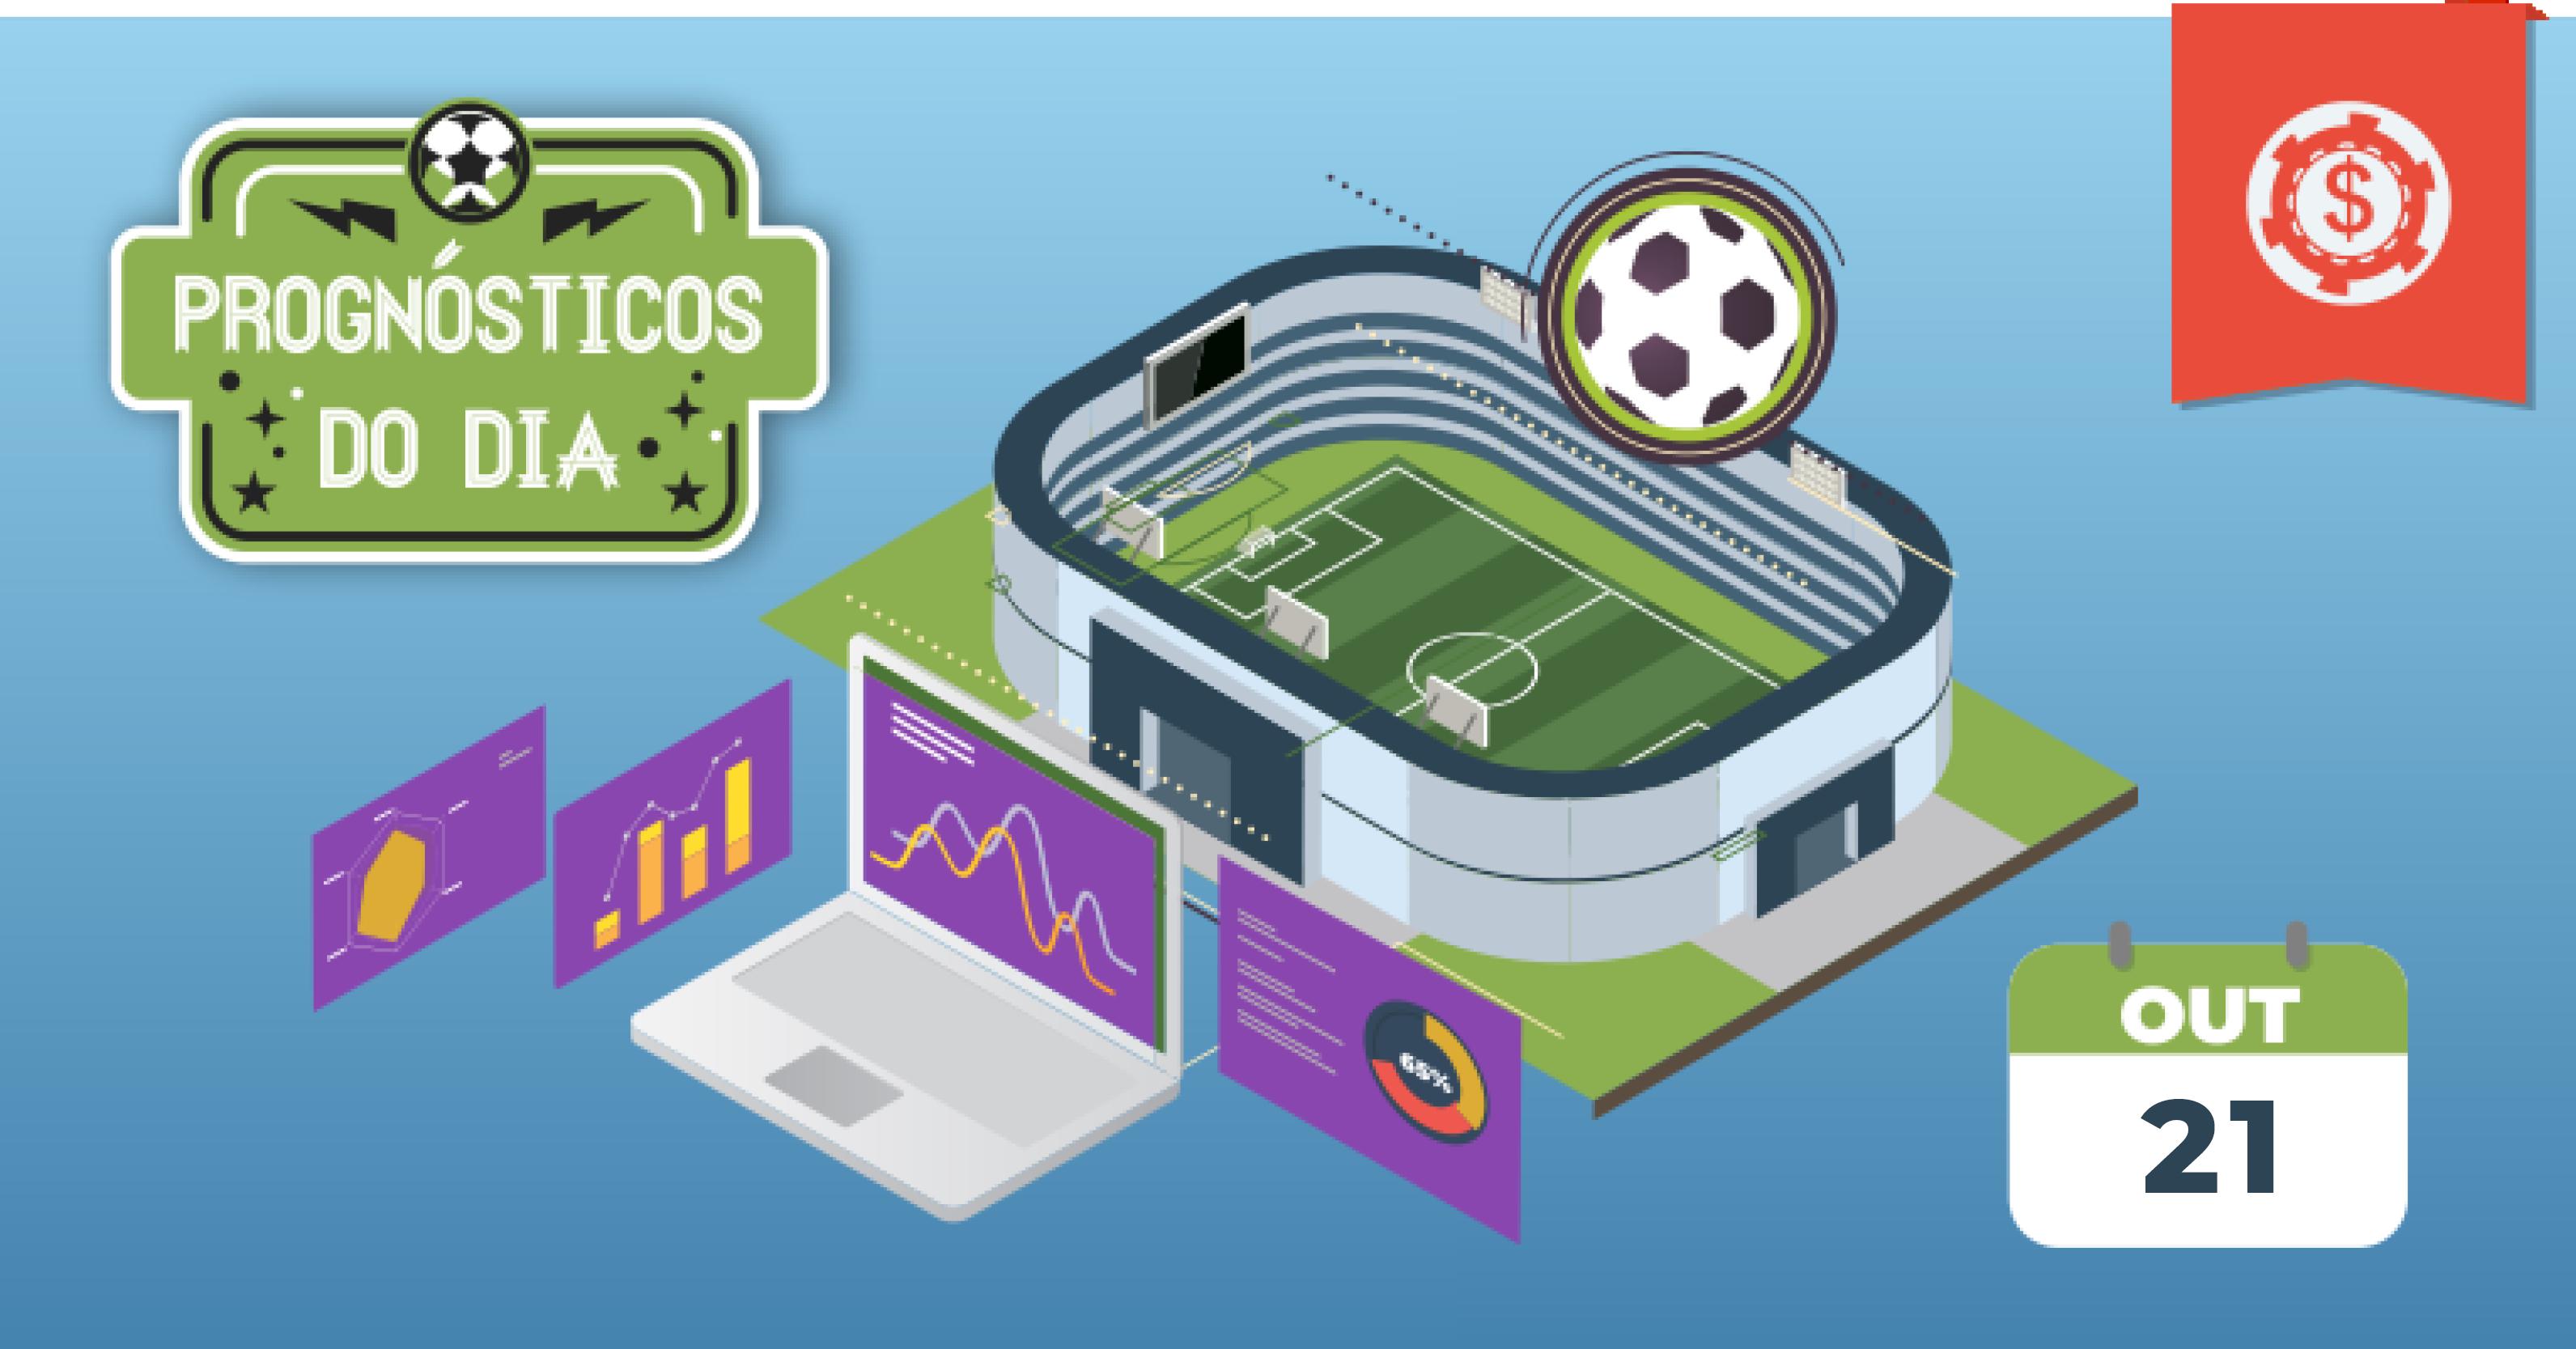 palpites-futebol-hoje-prognosticos-21-outubro-2020